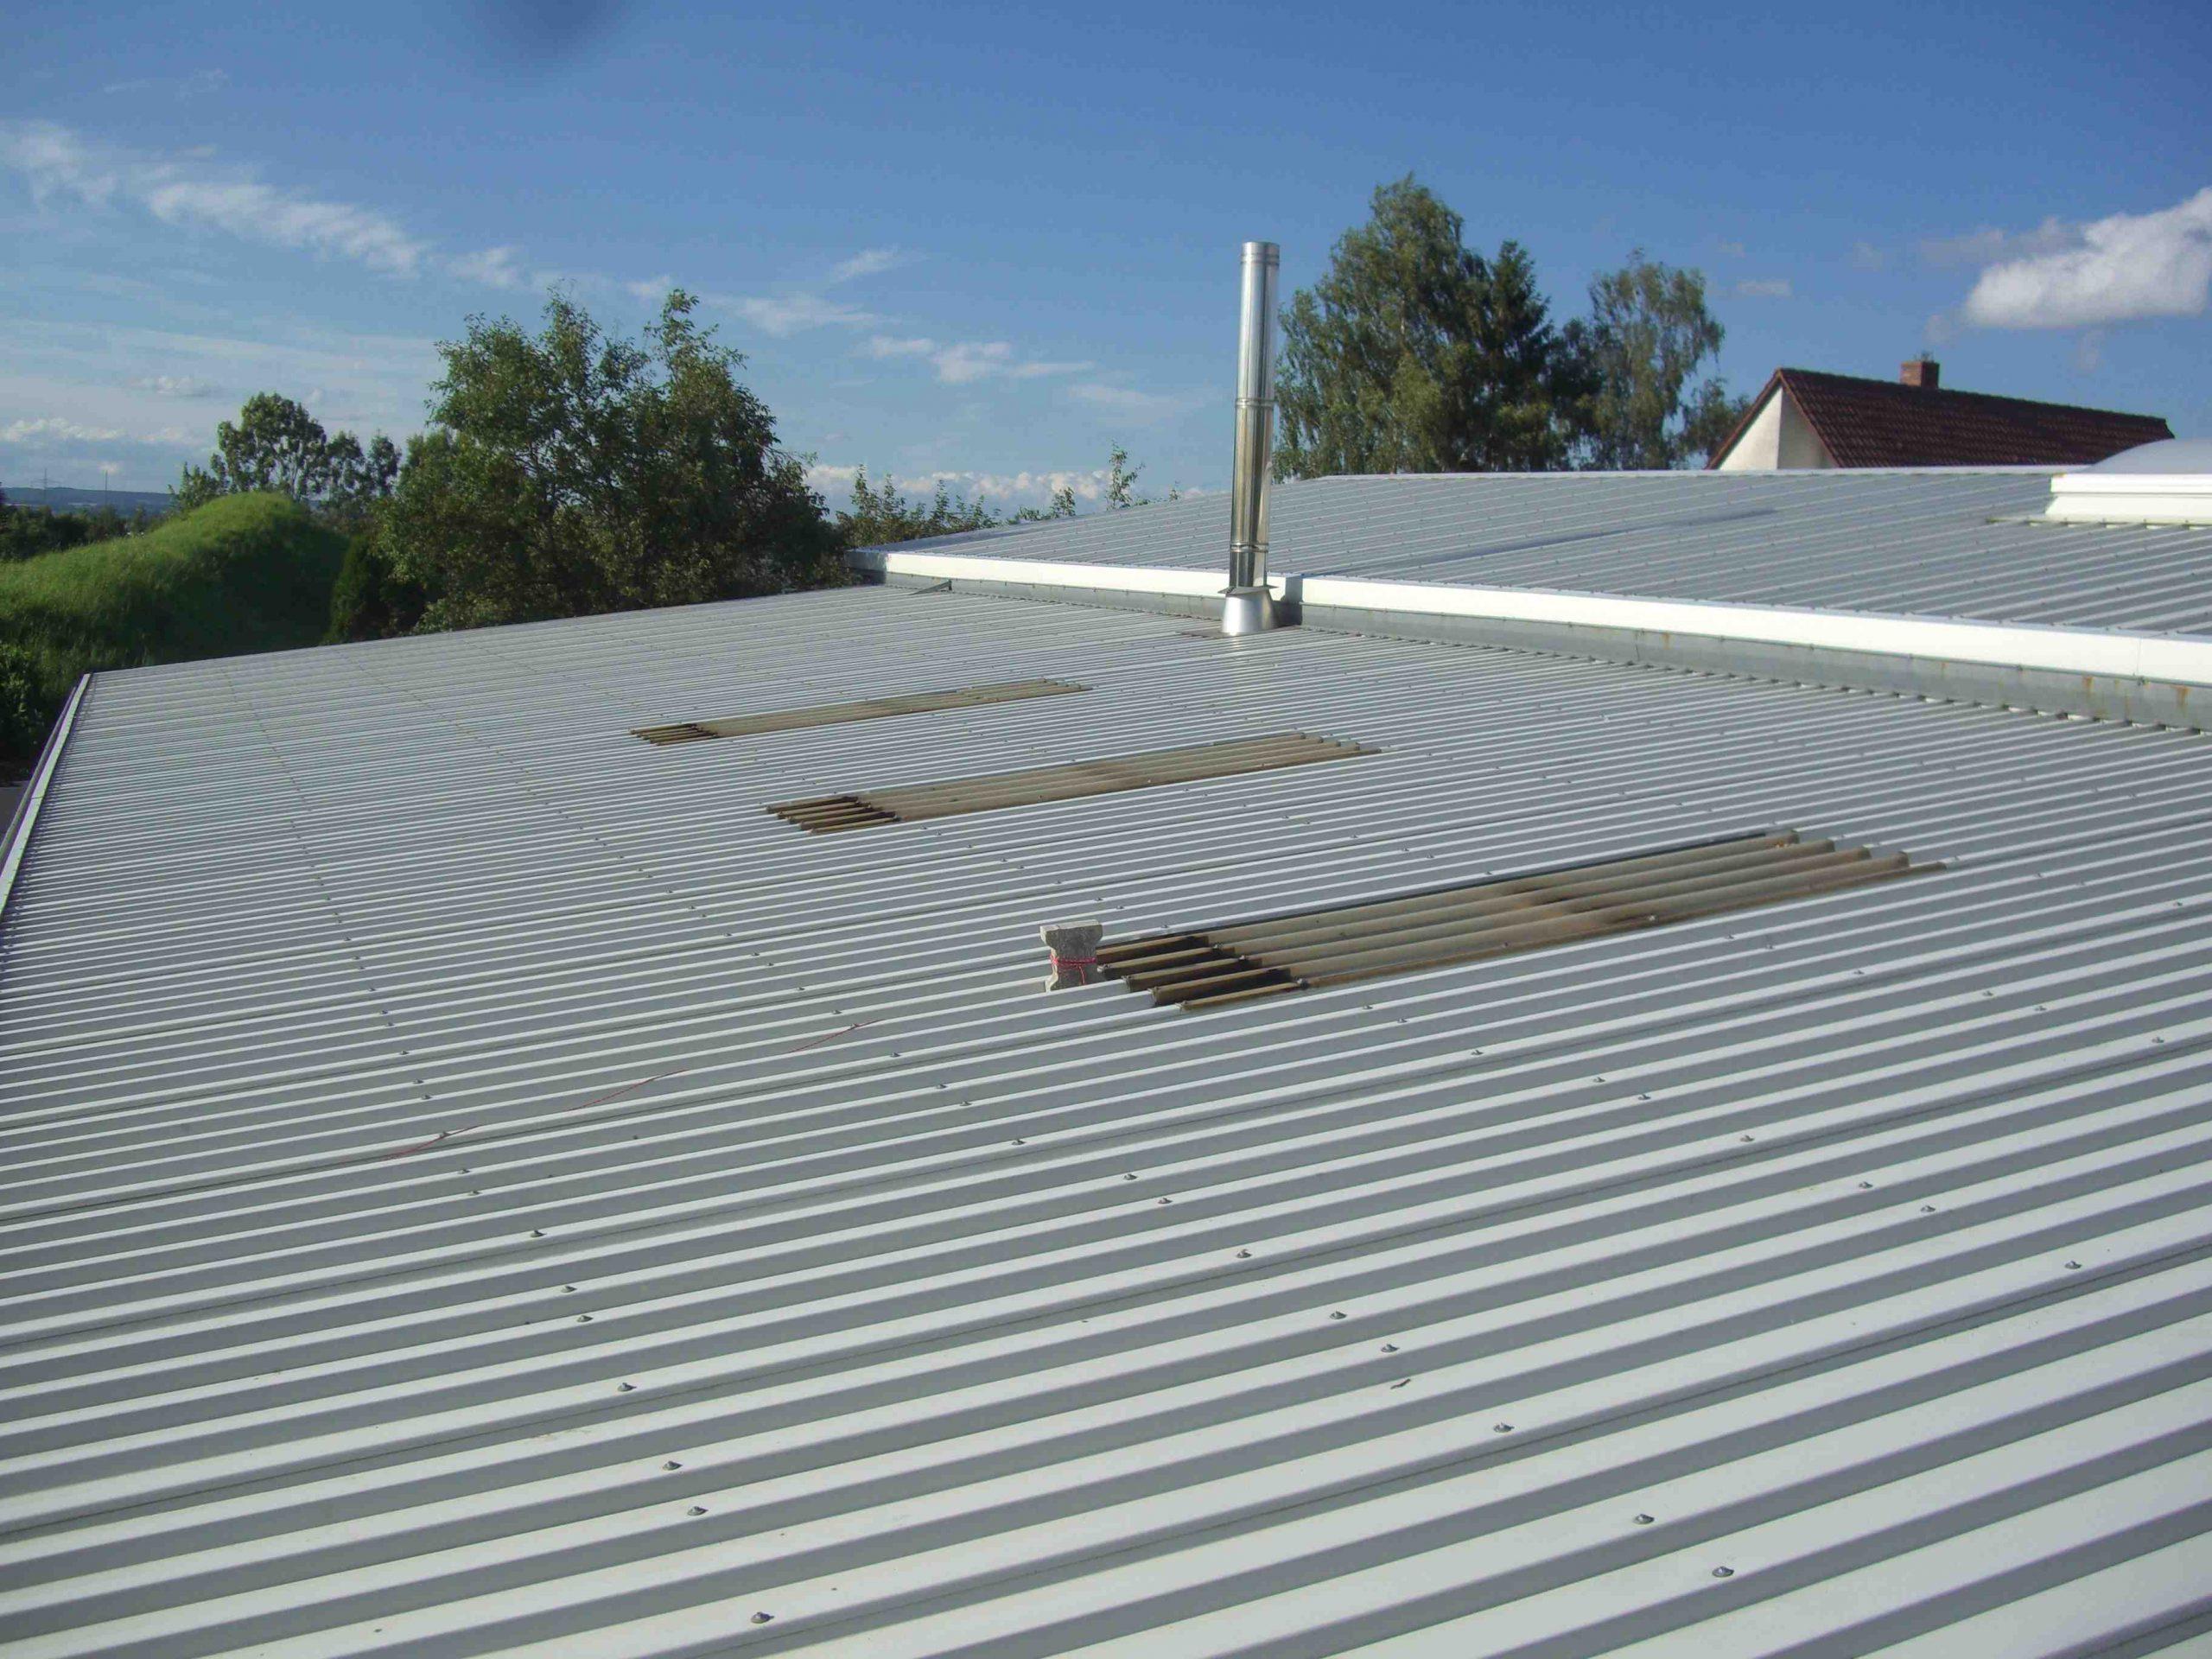 Dach2-scaled.jpg